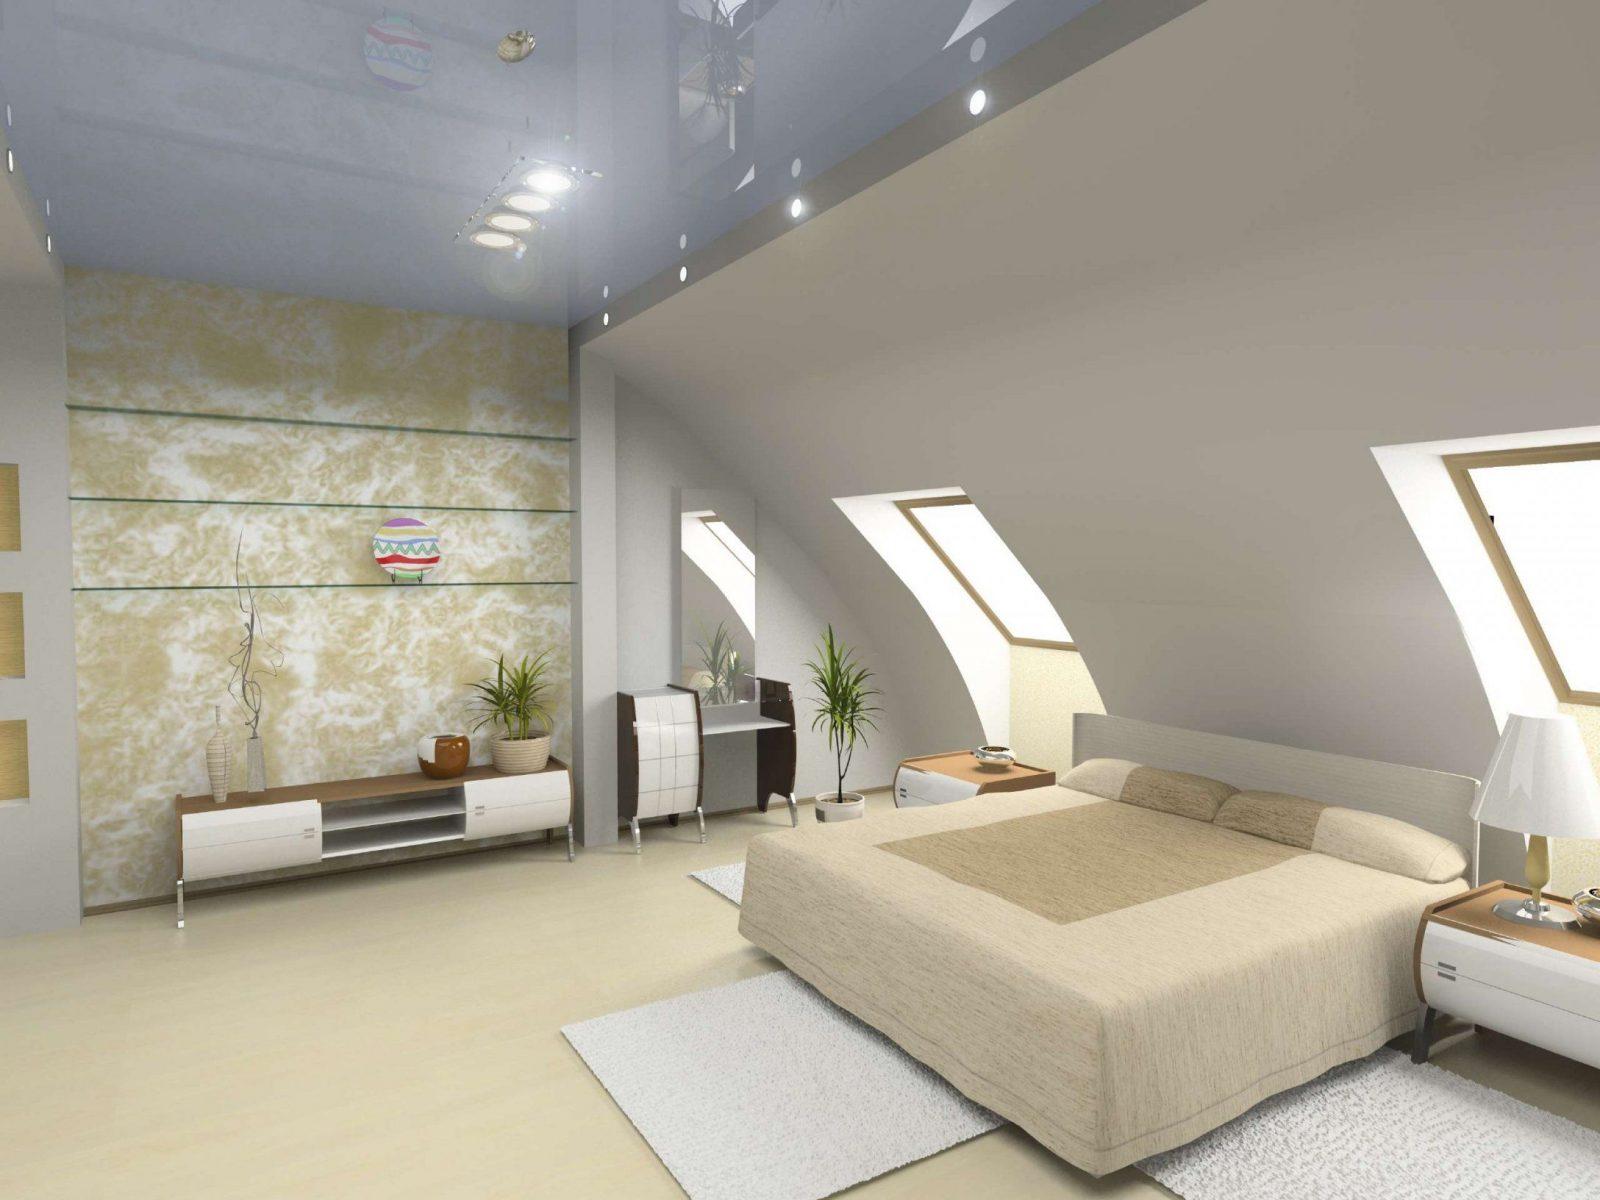 Bett Platzieren  Dachschräge Im Schlafzimmer von Tapeten Schlafzimmer Mit Schräge Bild